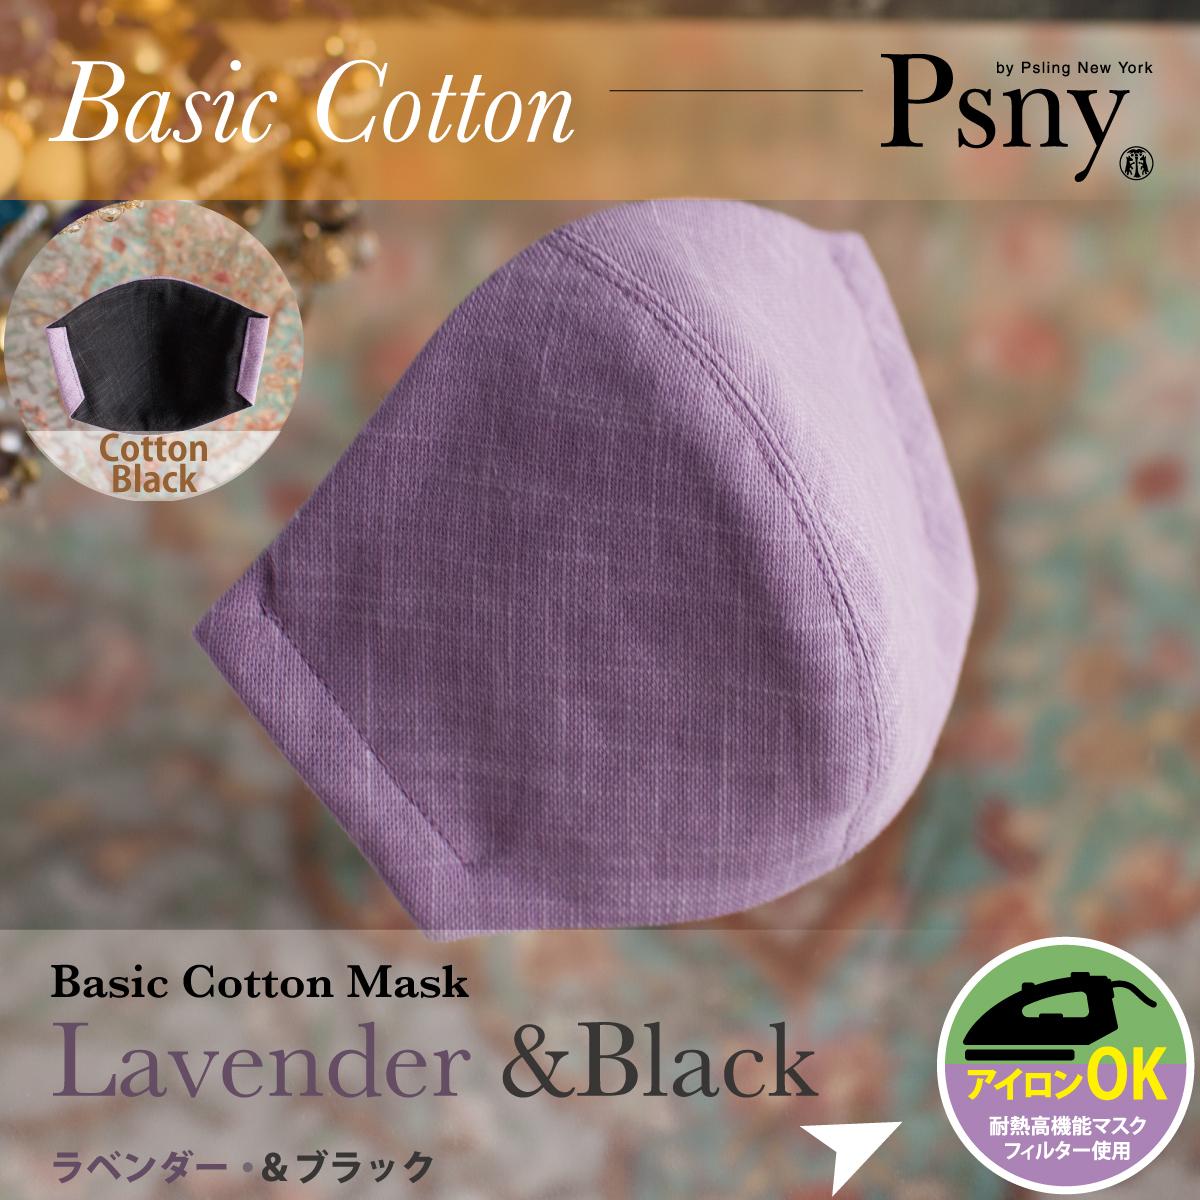 PSNY ベーシックコットン・ラベンダー(&ブラック) 花粉 黄砂 洗えるフィルター入り 立体 マスク 大人用 CC6